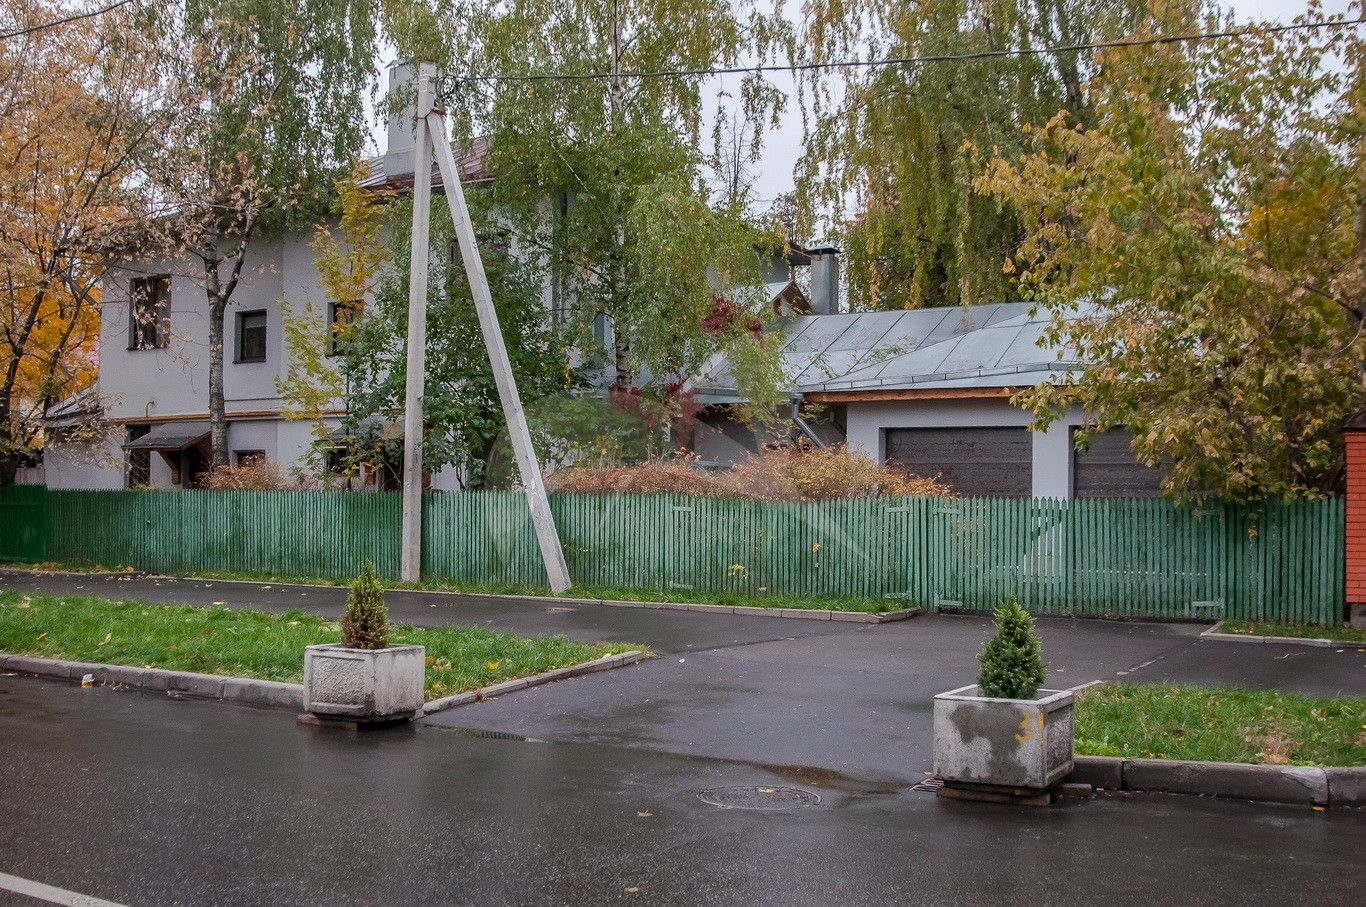 Жилой дом, 1930 г., арх. И. Кондаков